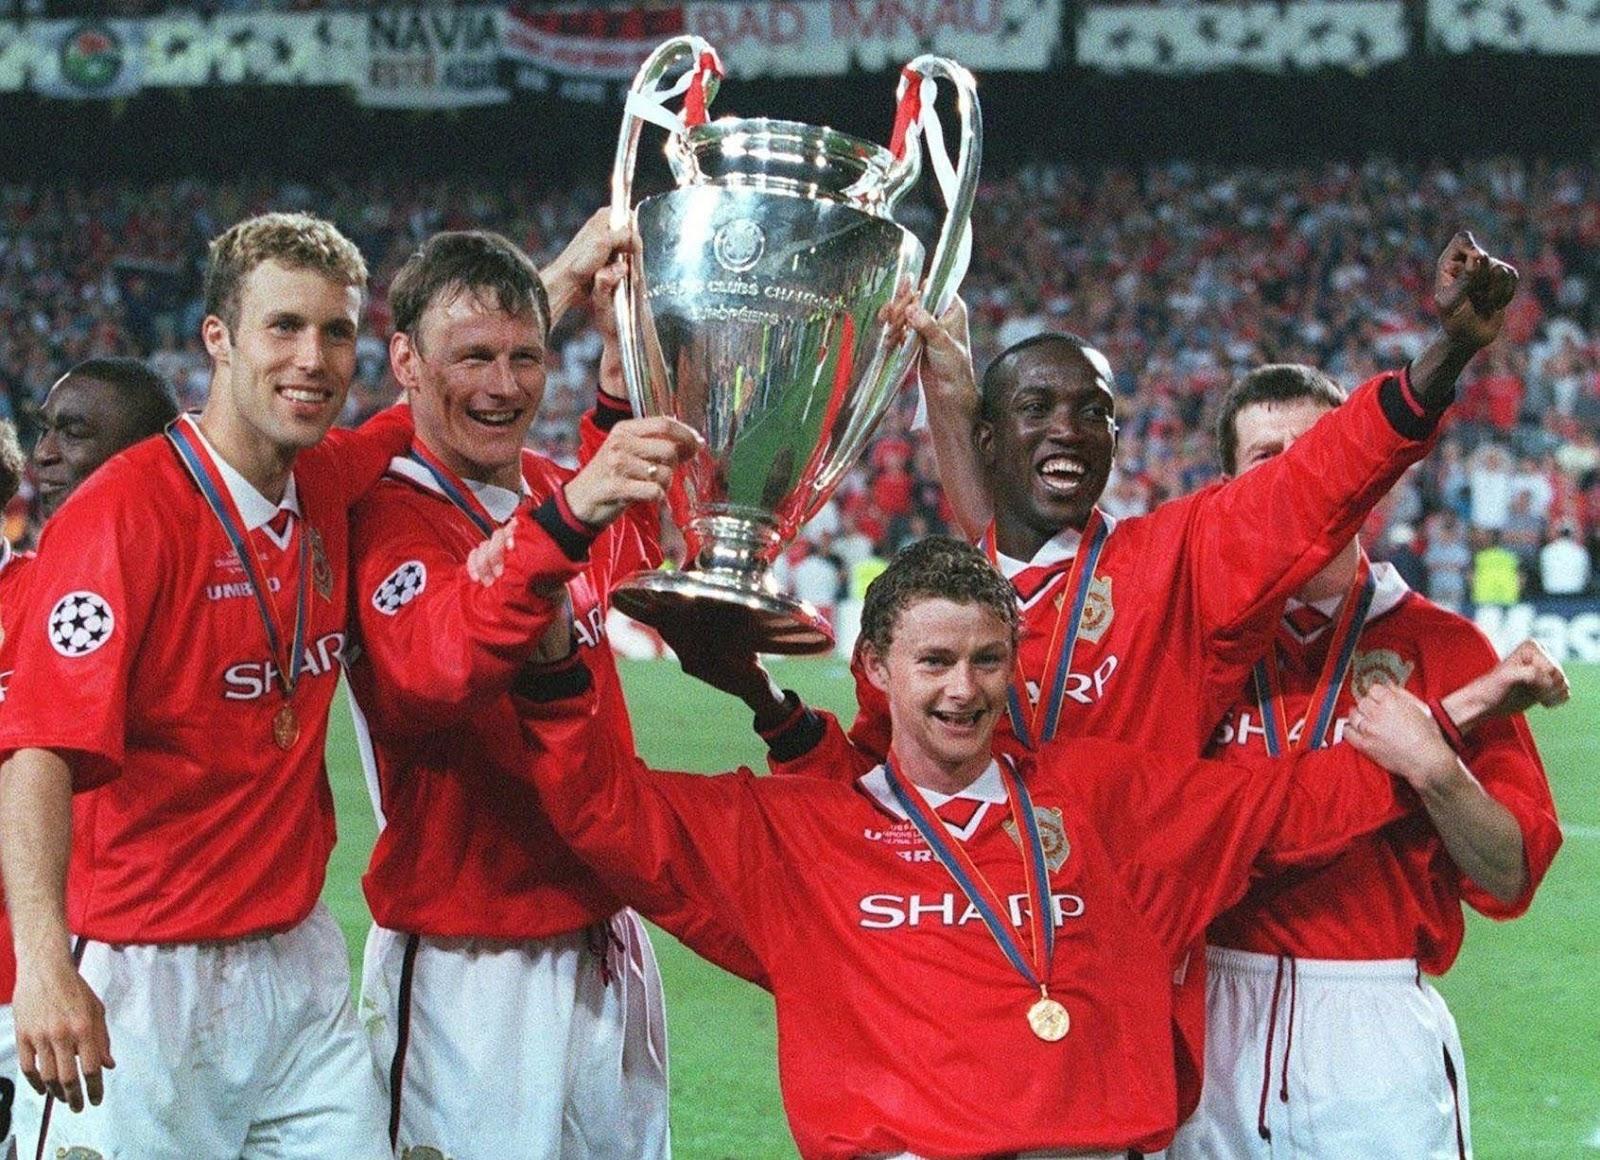 Kết quả hình ảnh cho Manchester United vs Bayern Munich 2-1 ( 1999 UEFACL Final)